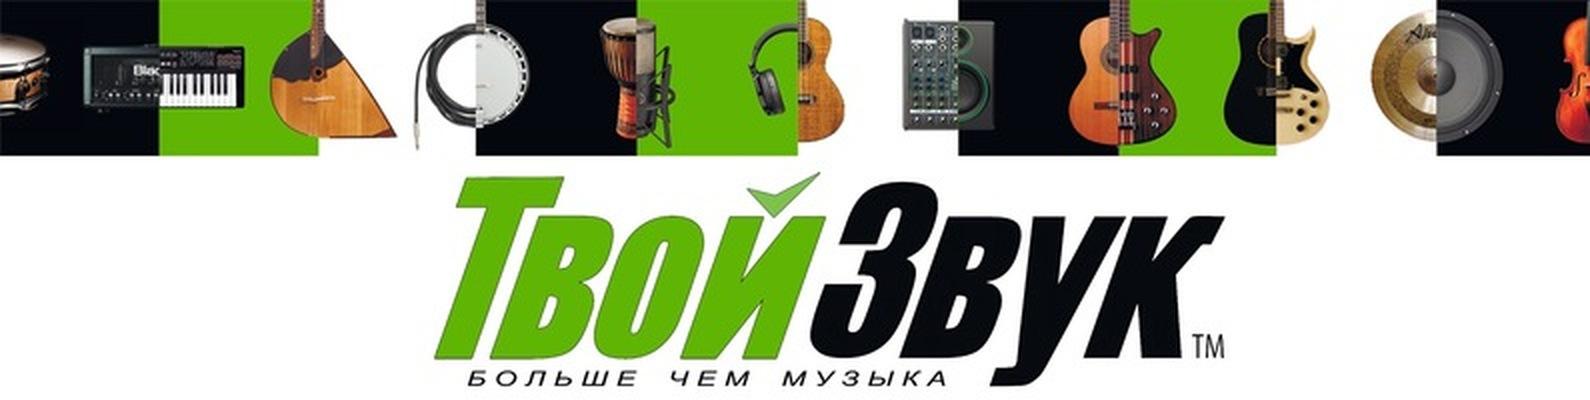 dfa5763d632f9 ТвойЗвук™ | ВКонтакте